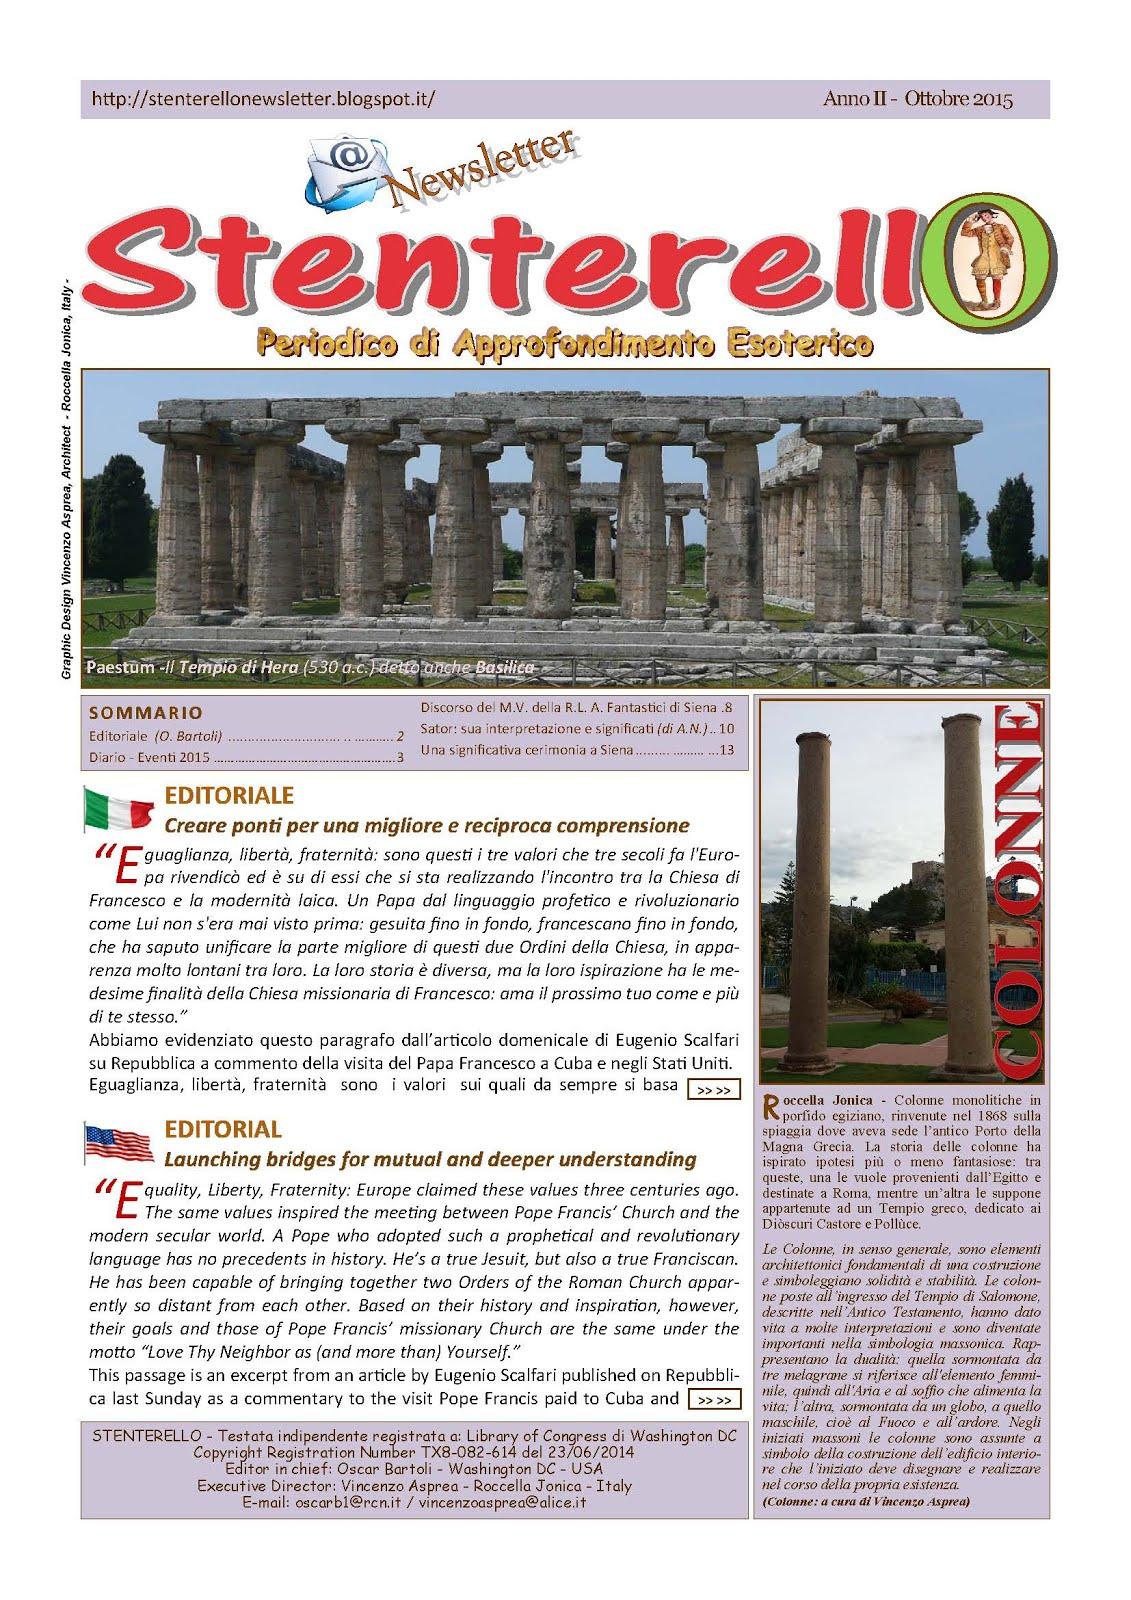 Stenterello Anno II - Ottobre 2015